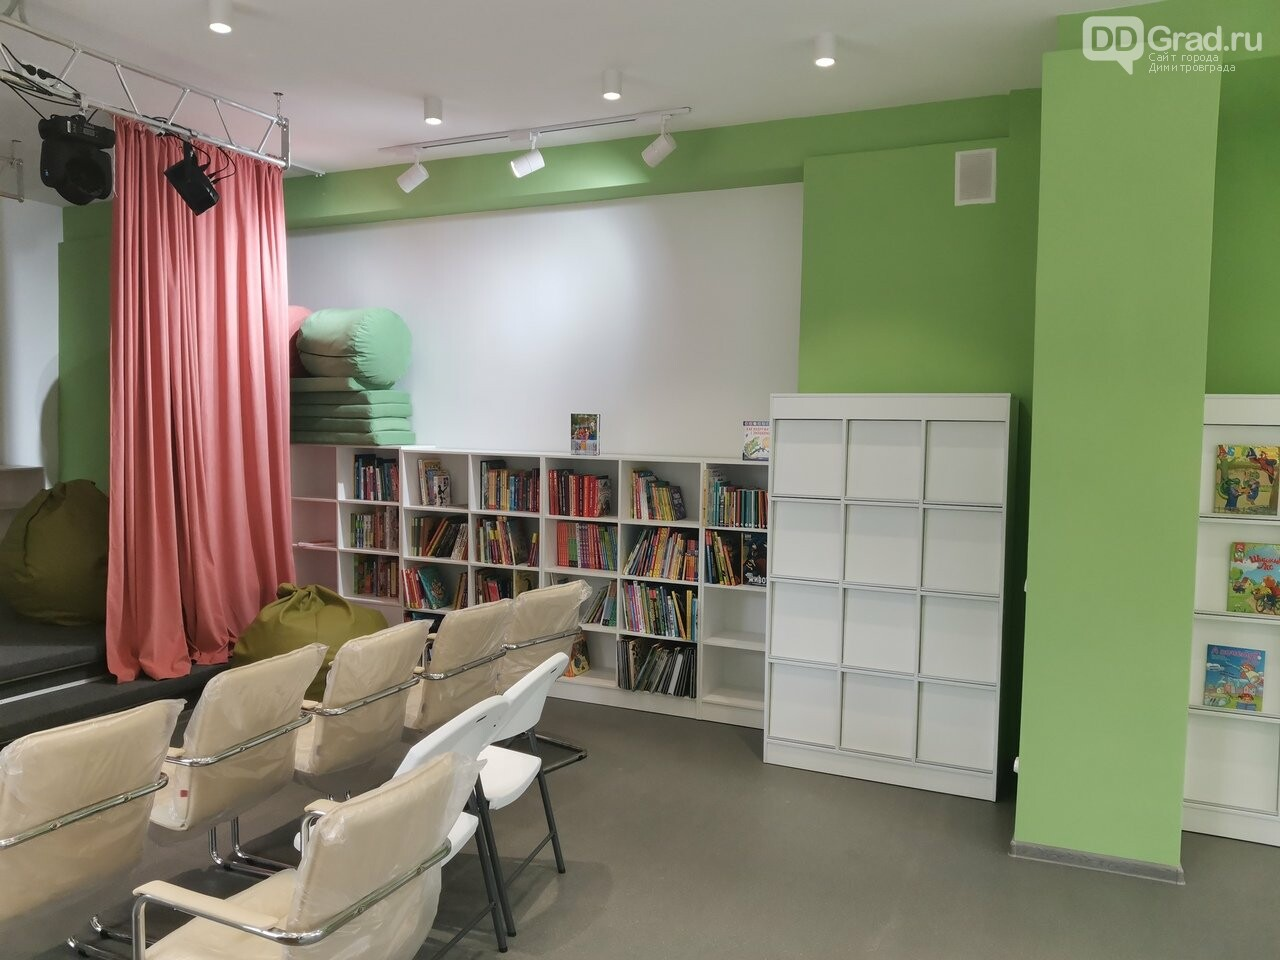 Все ремонтные работы в димитровградской библиотеке нового поколения завершены, фото-2